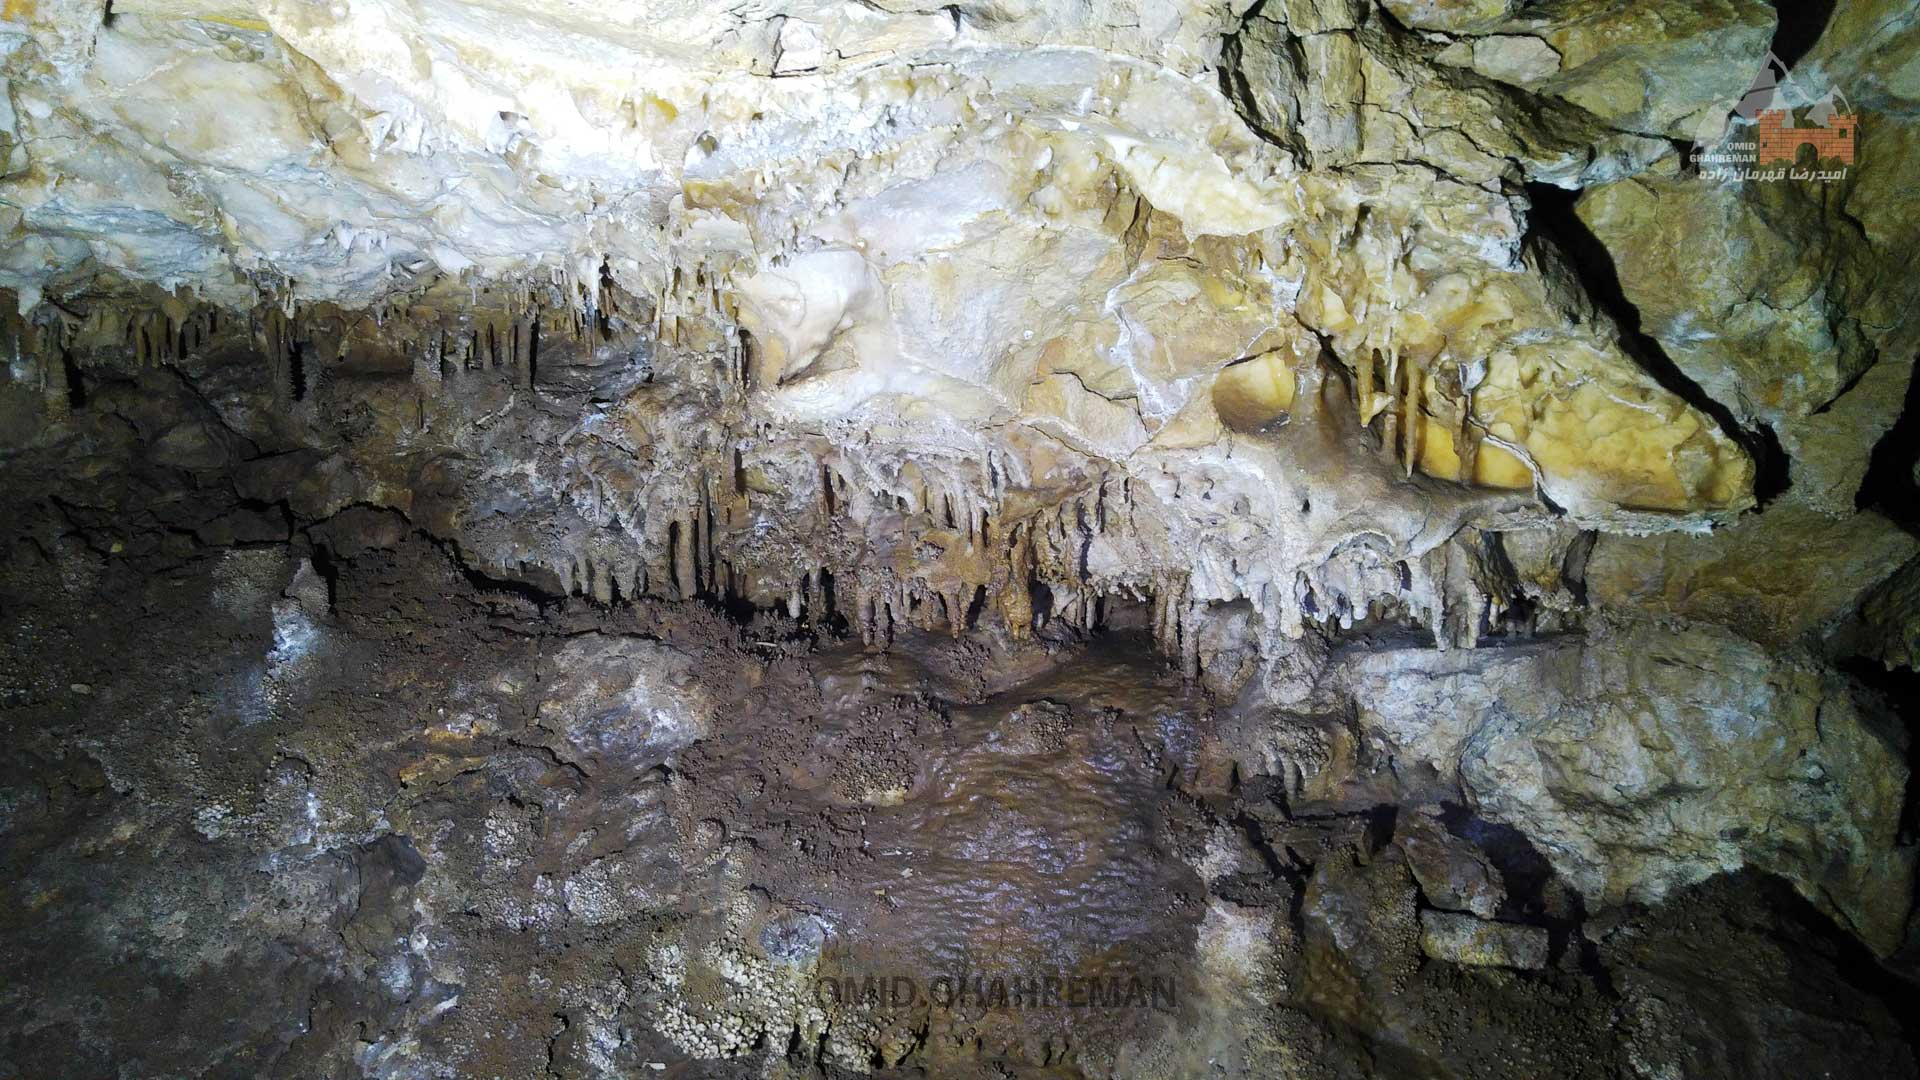 نمونه ای از رسوب در سقف غار